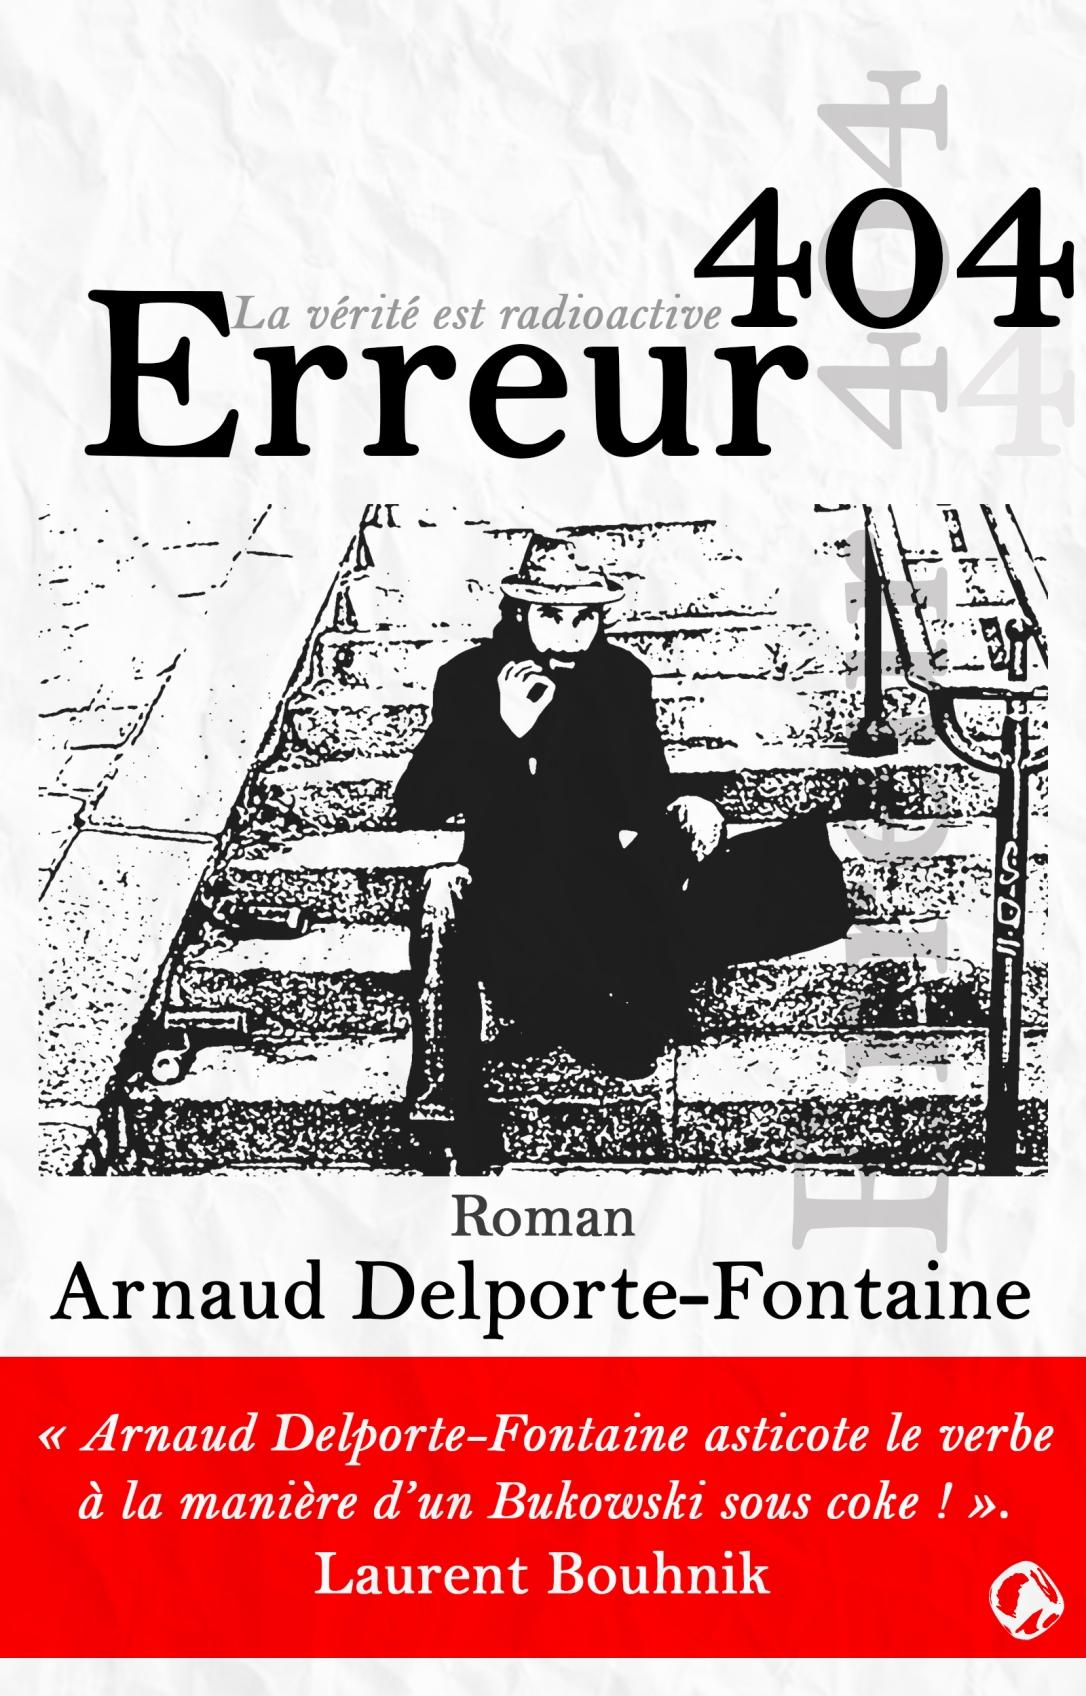 Couverture ERREUR 404 ARNAUD DELPORTE-FONTAINE BANDEAU